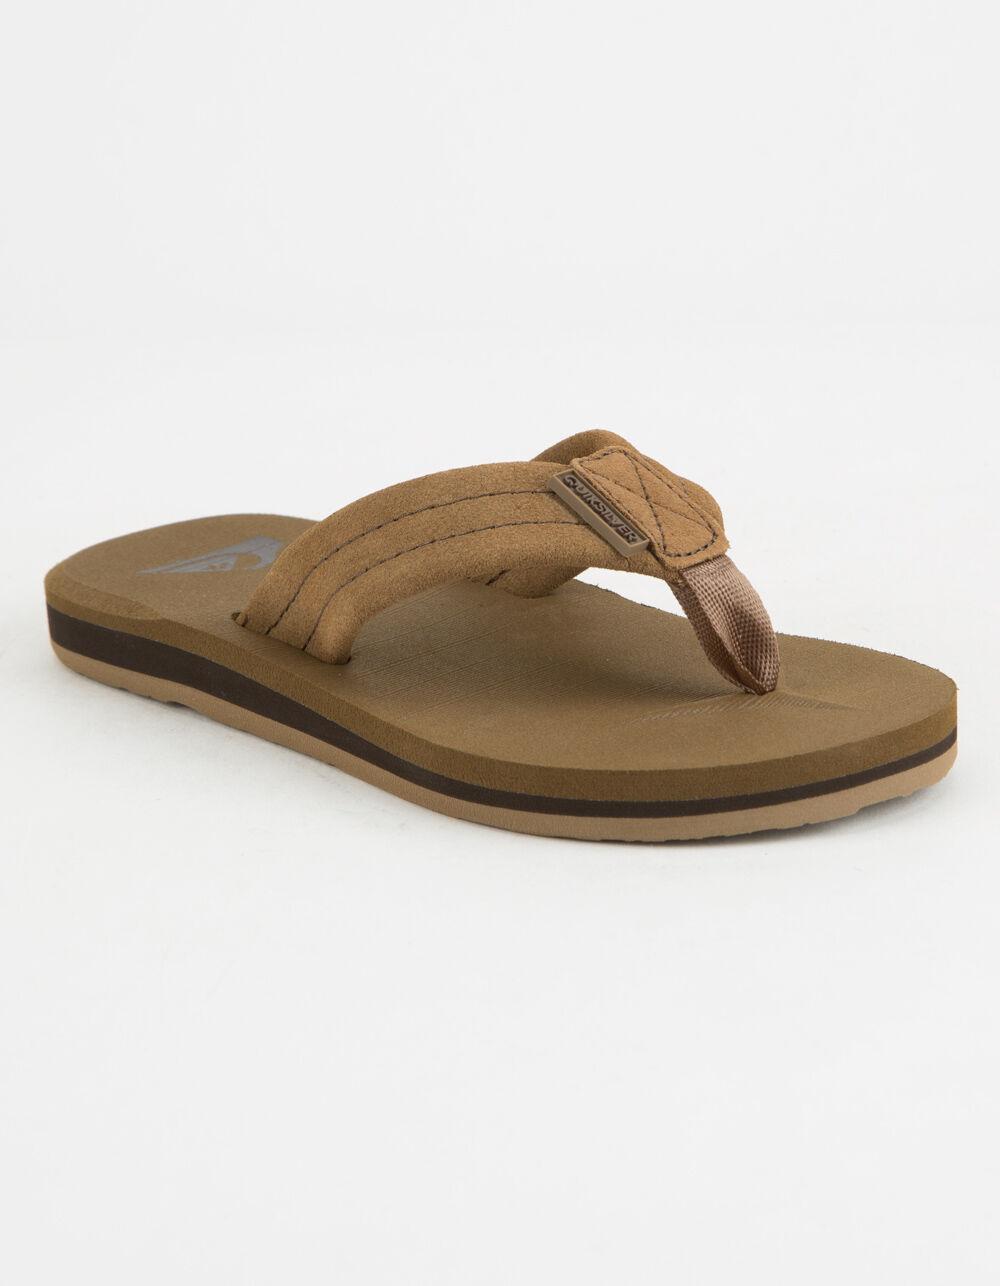 QUIKSILVER Carver Suede Boys Sandals